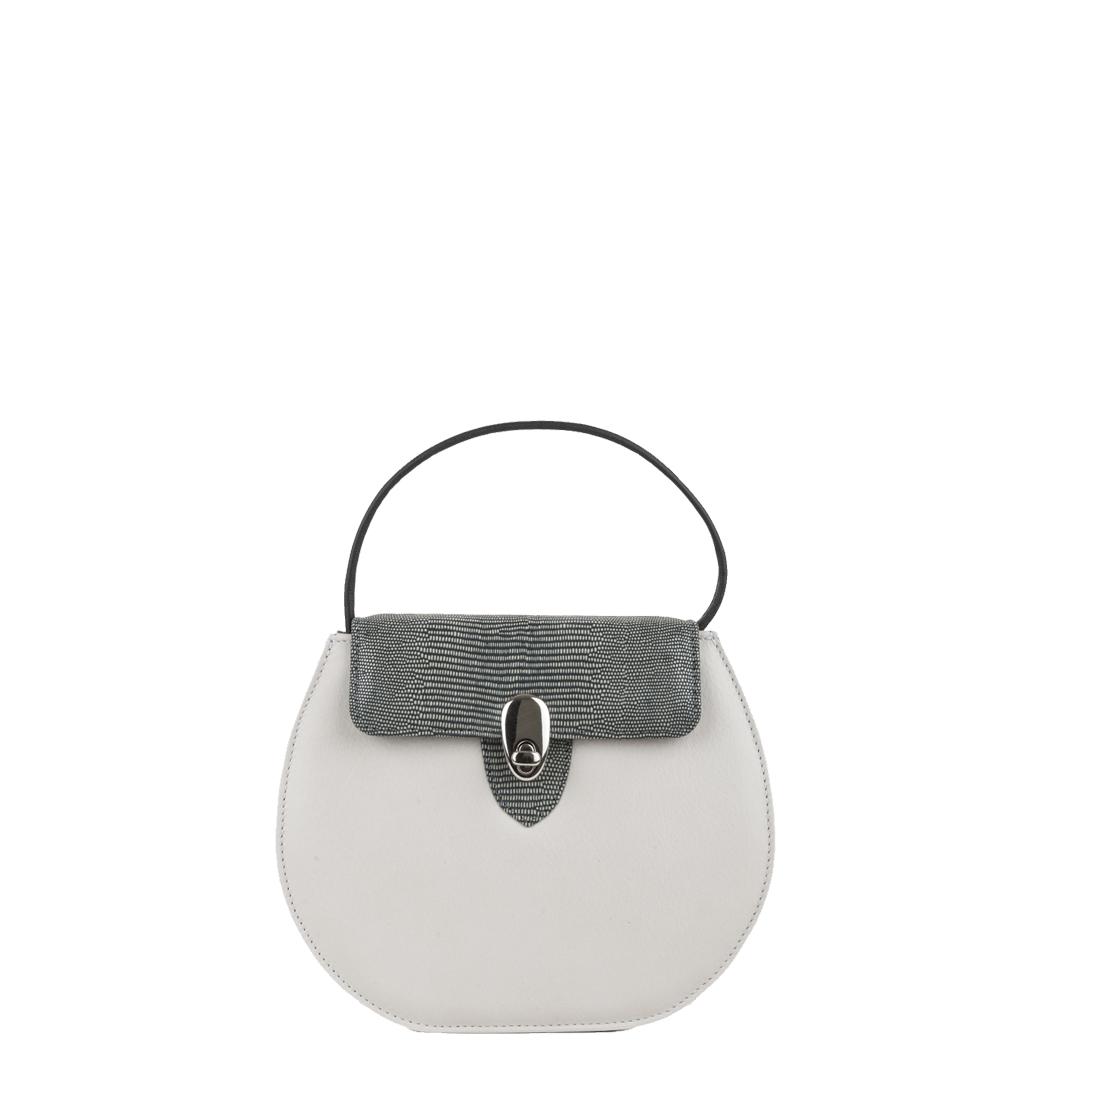 Mae Polvere Leather Shoulder Bag